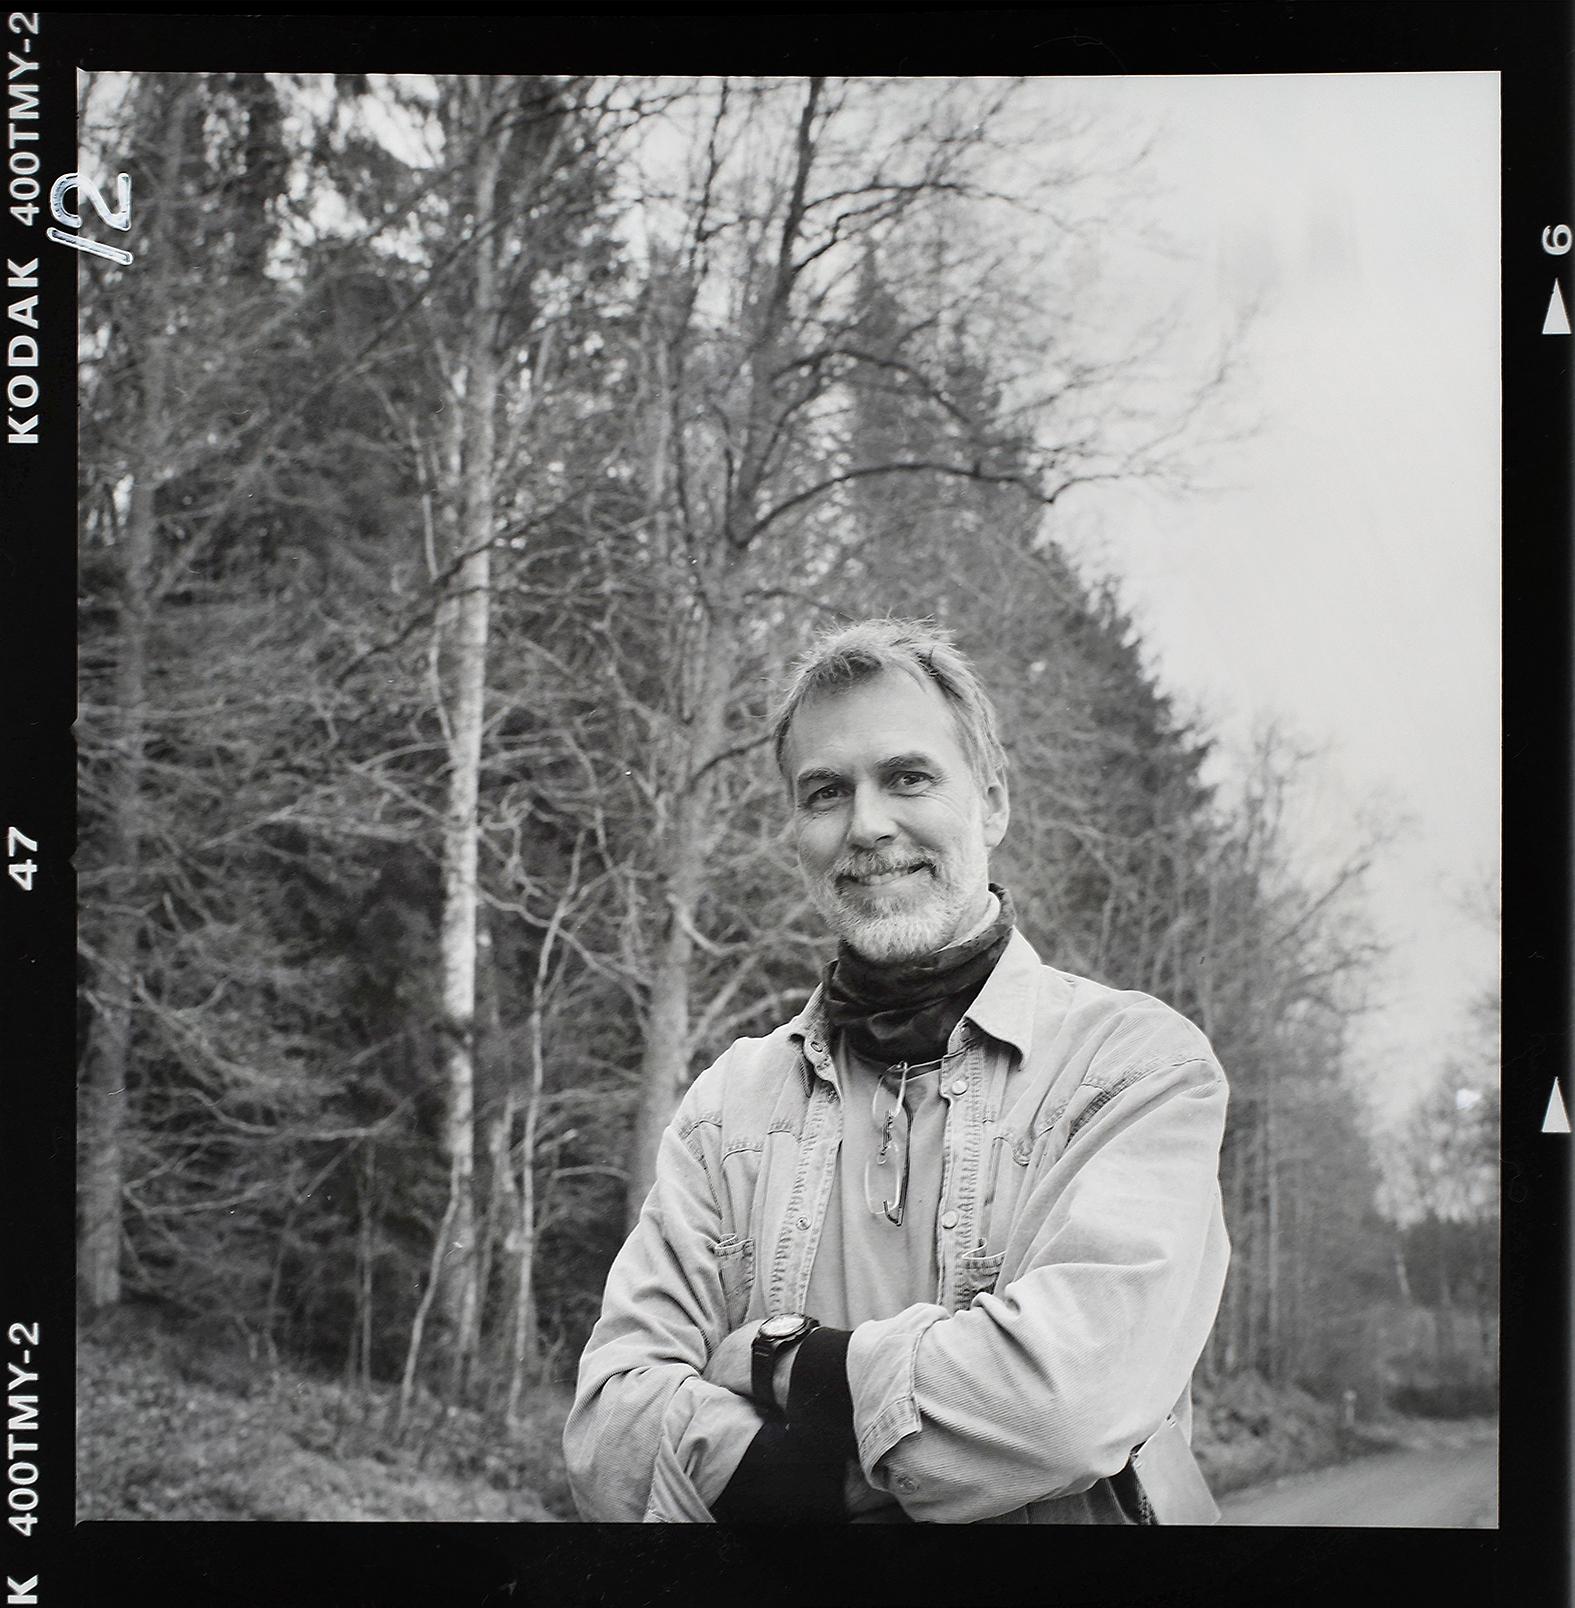 Fotografen själv, Mikael Andersson. Fotograferad av sonen Erik Andersson, 2016-04-16. 1/500 sek f5, 80mm